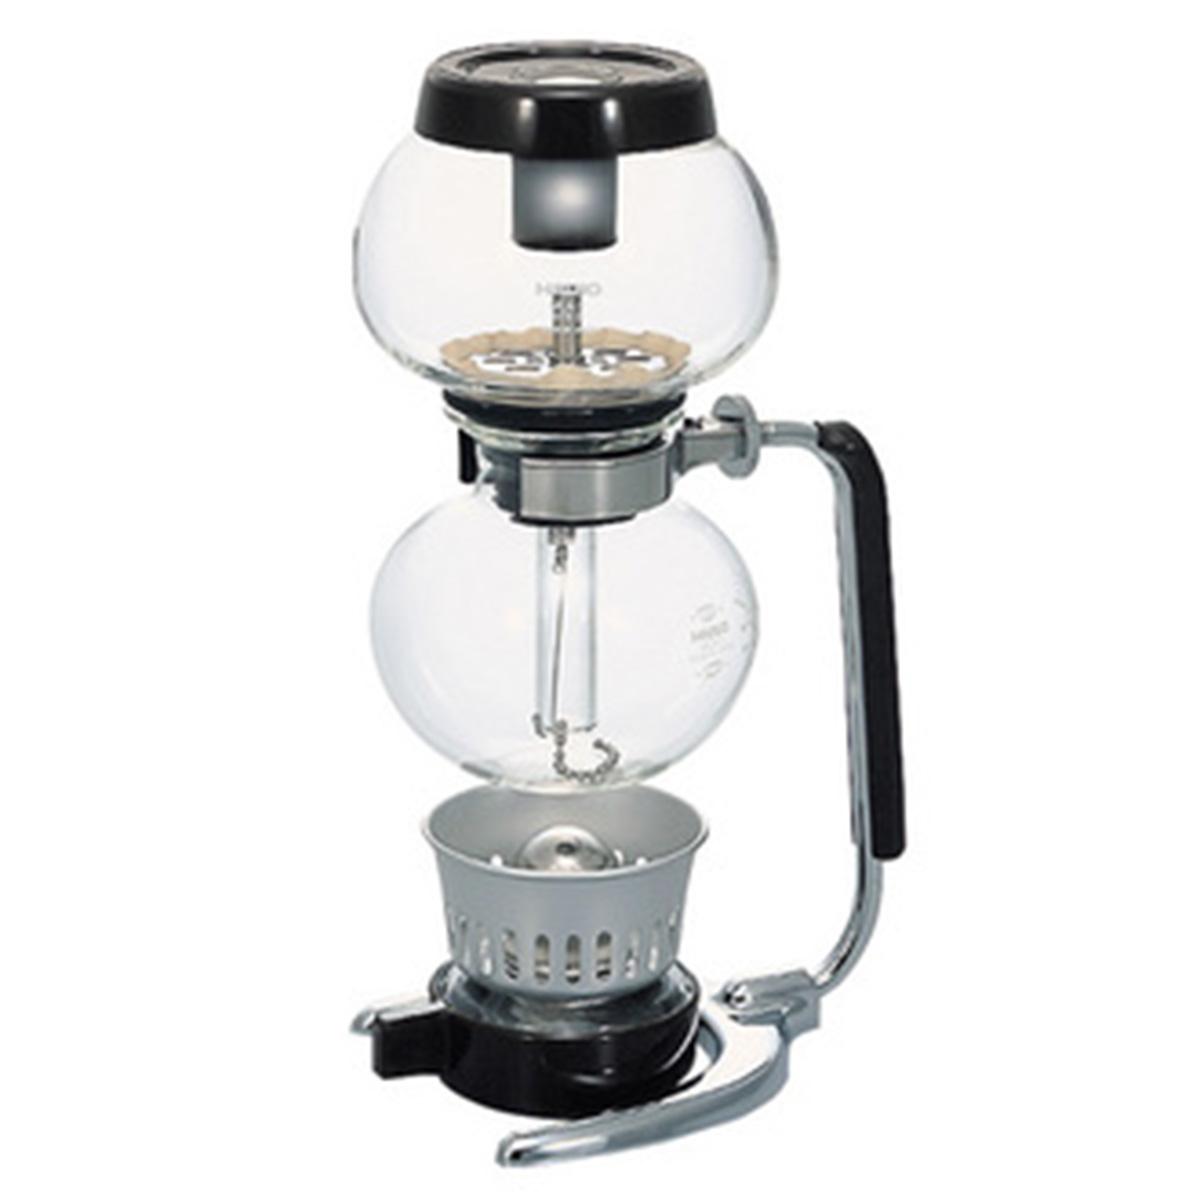 Coffee-Syphon-Moca-3-Cup